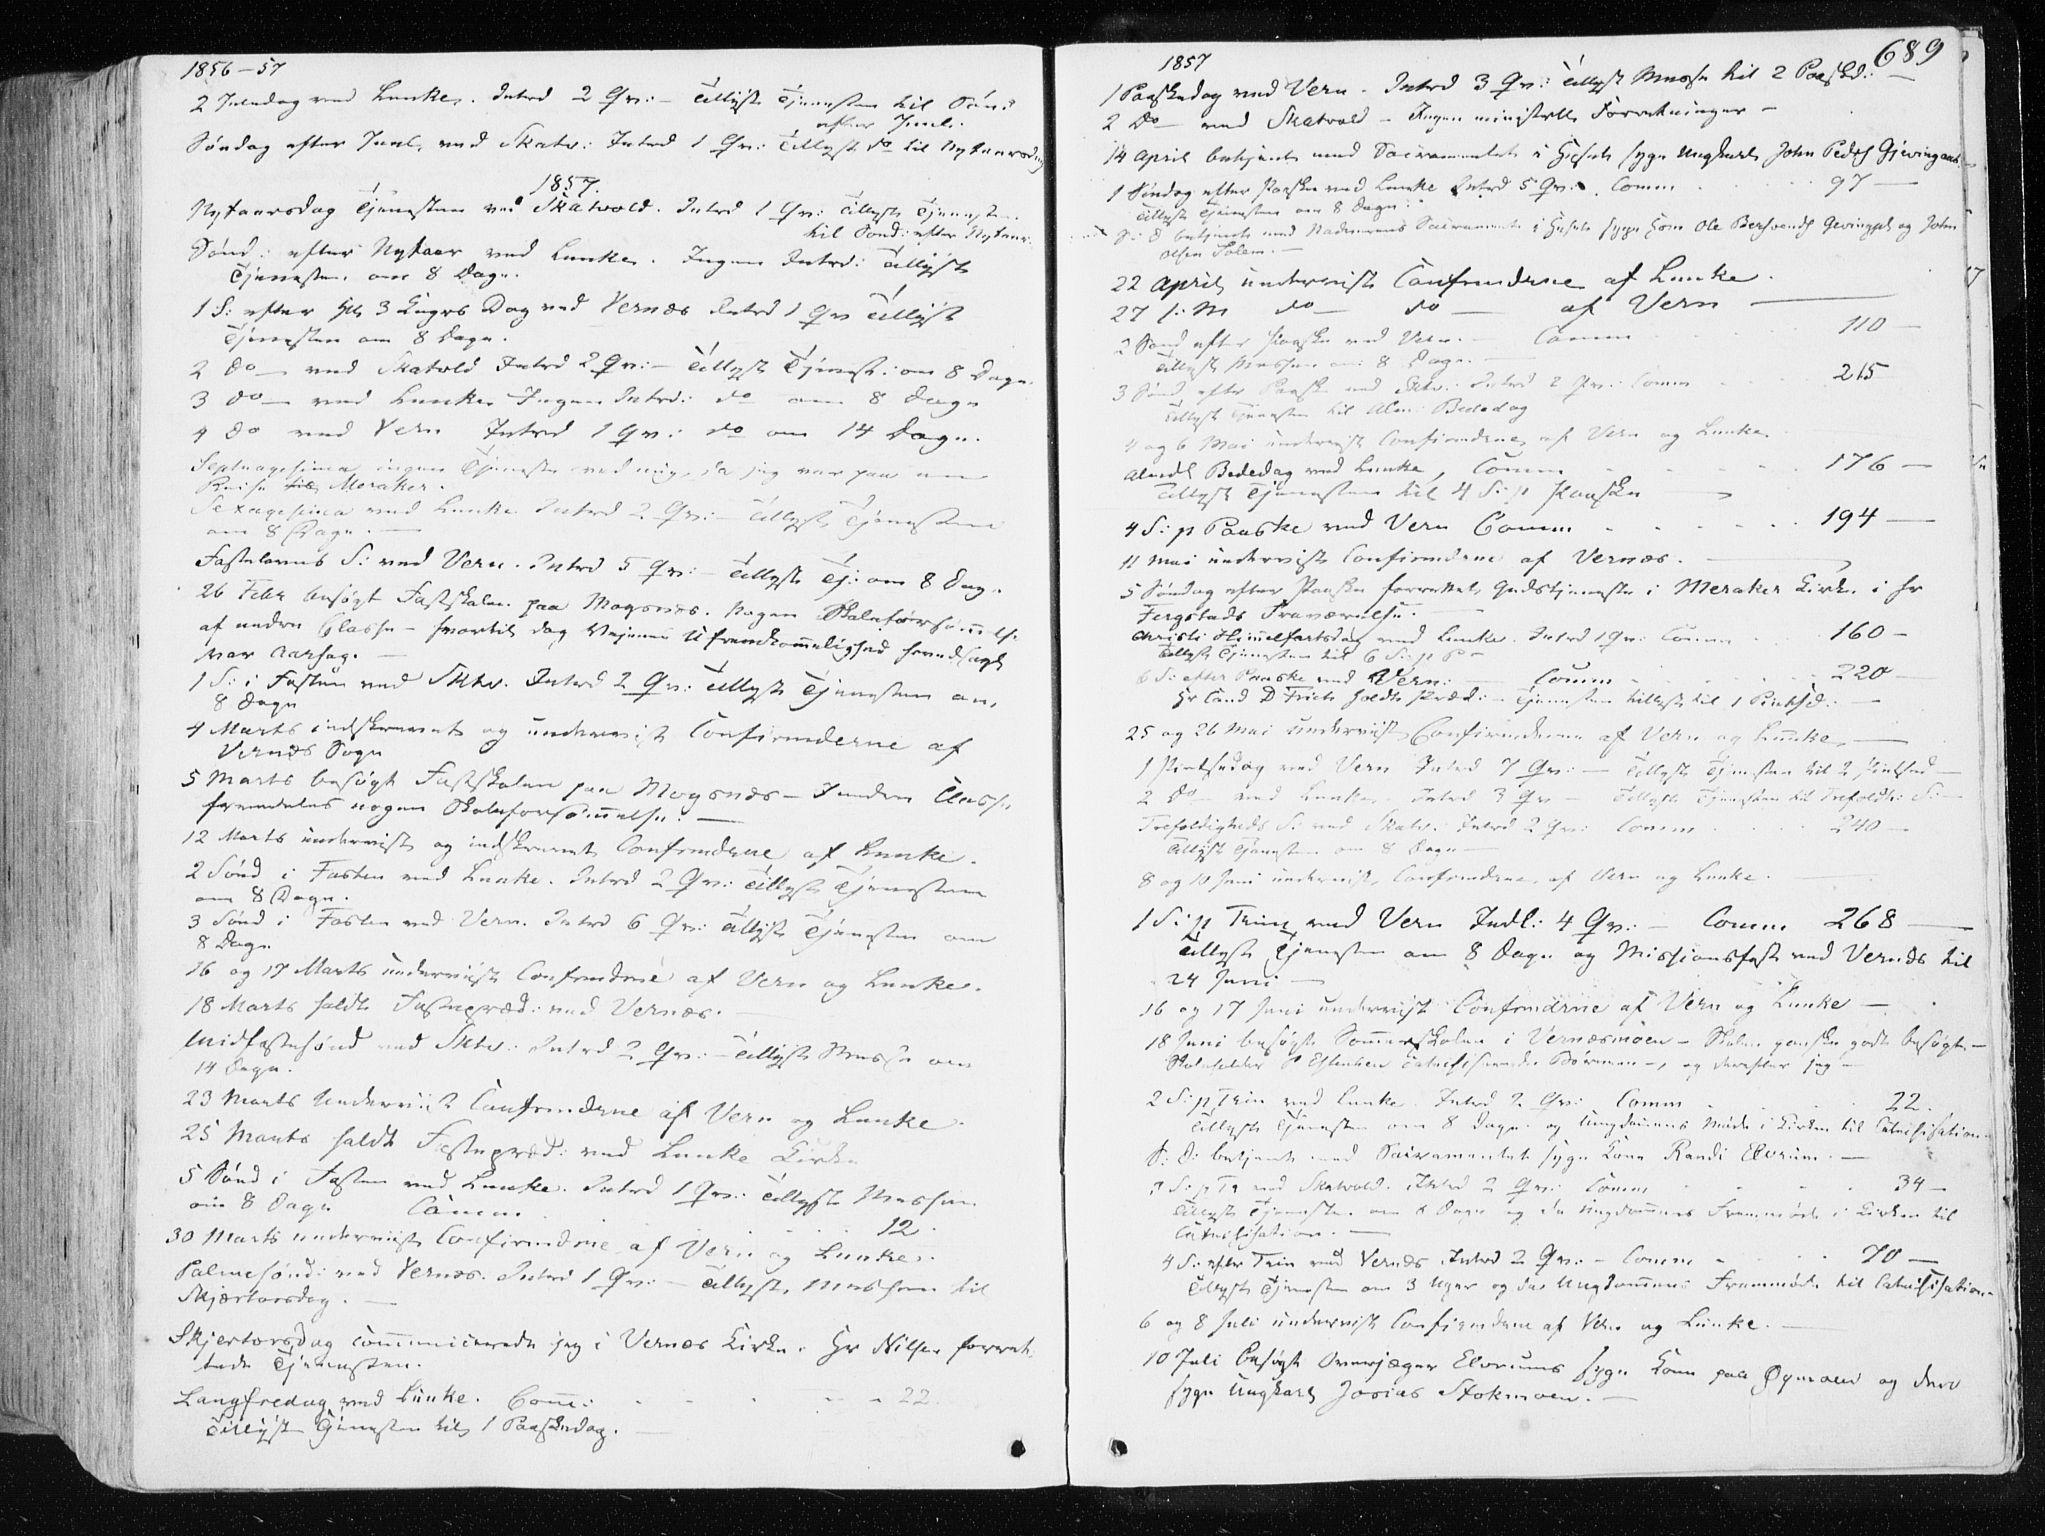 SAT, Ministerialprotokoller, klokkerbøker og fødselsregistre - Nord-Trøndelag, 709/L0074: Ministerialbok nr. 709A14, 1845-1858, s. 689